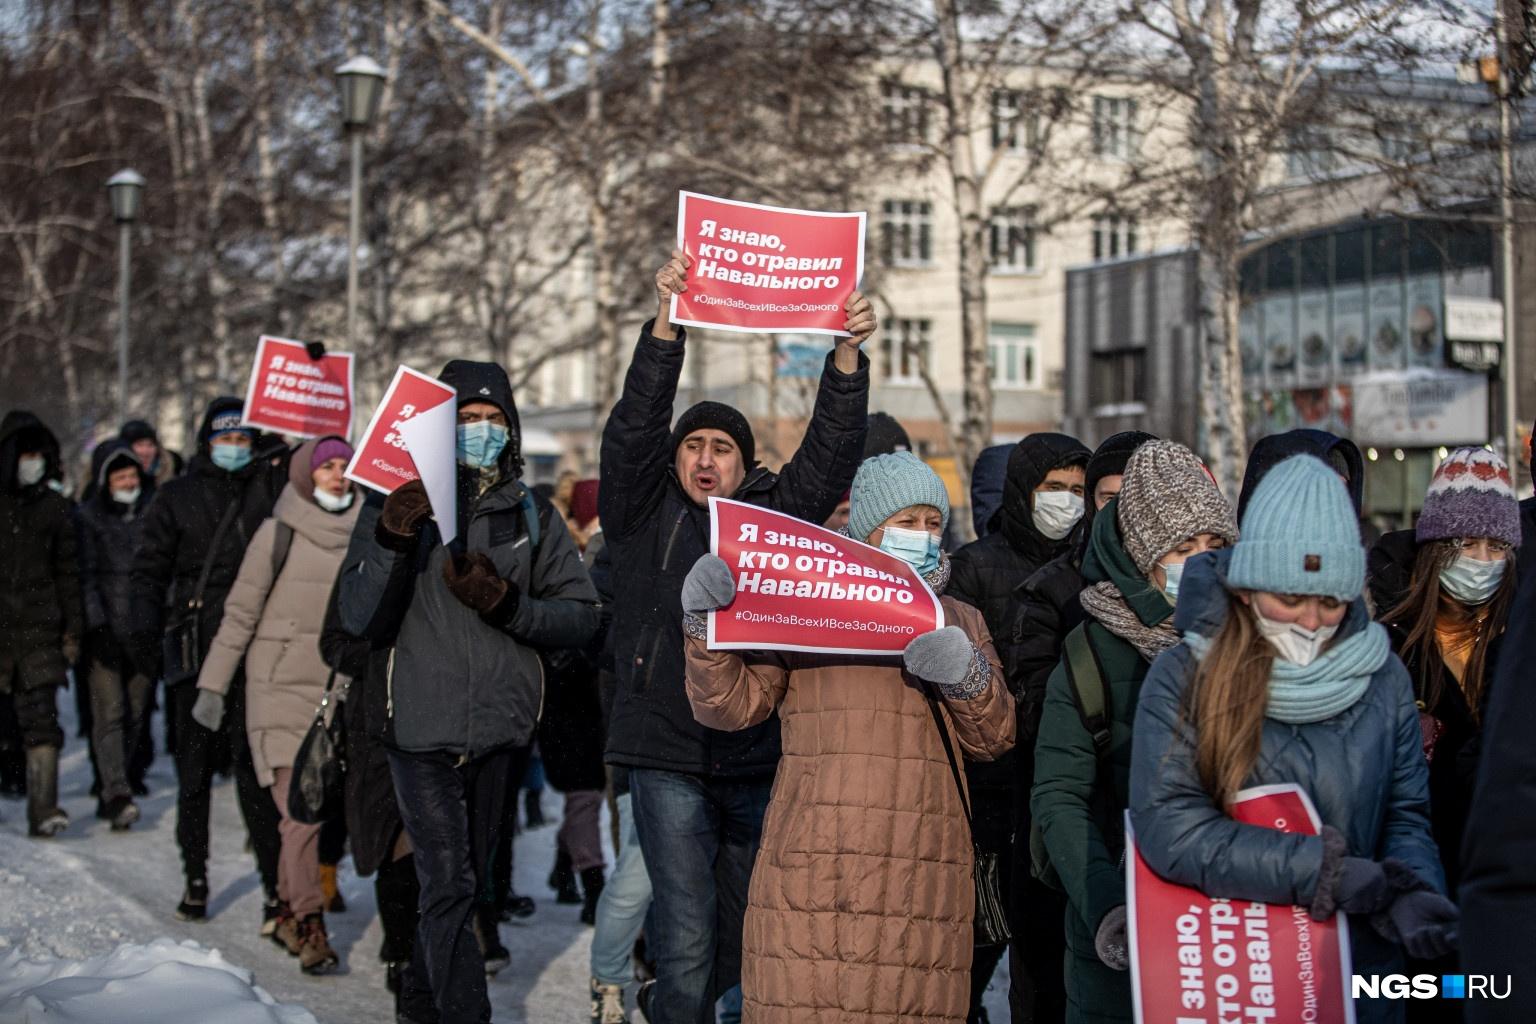 У многих митингующих были бело-красные плакаты в едином стиле